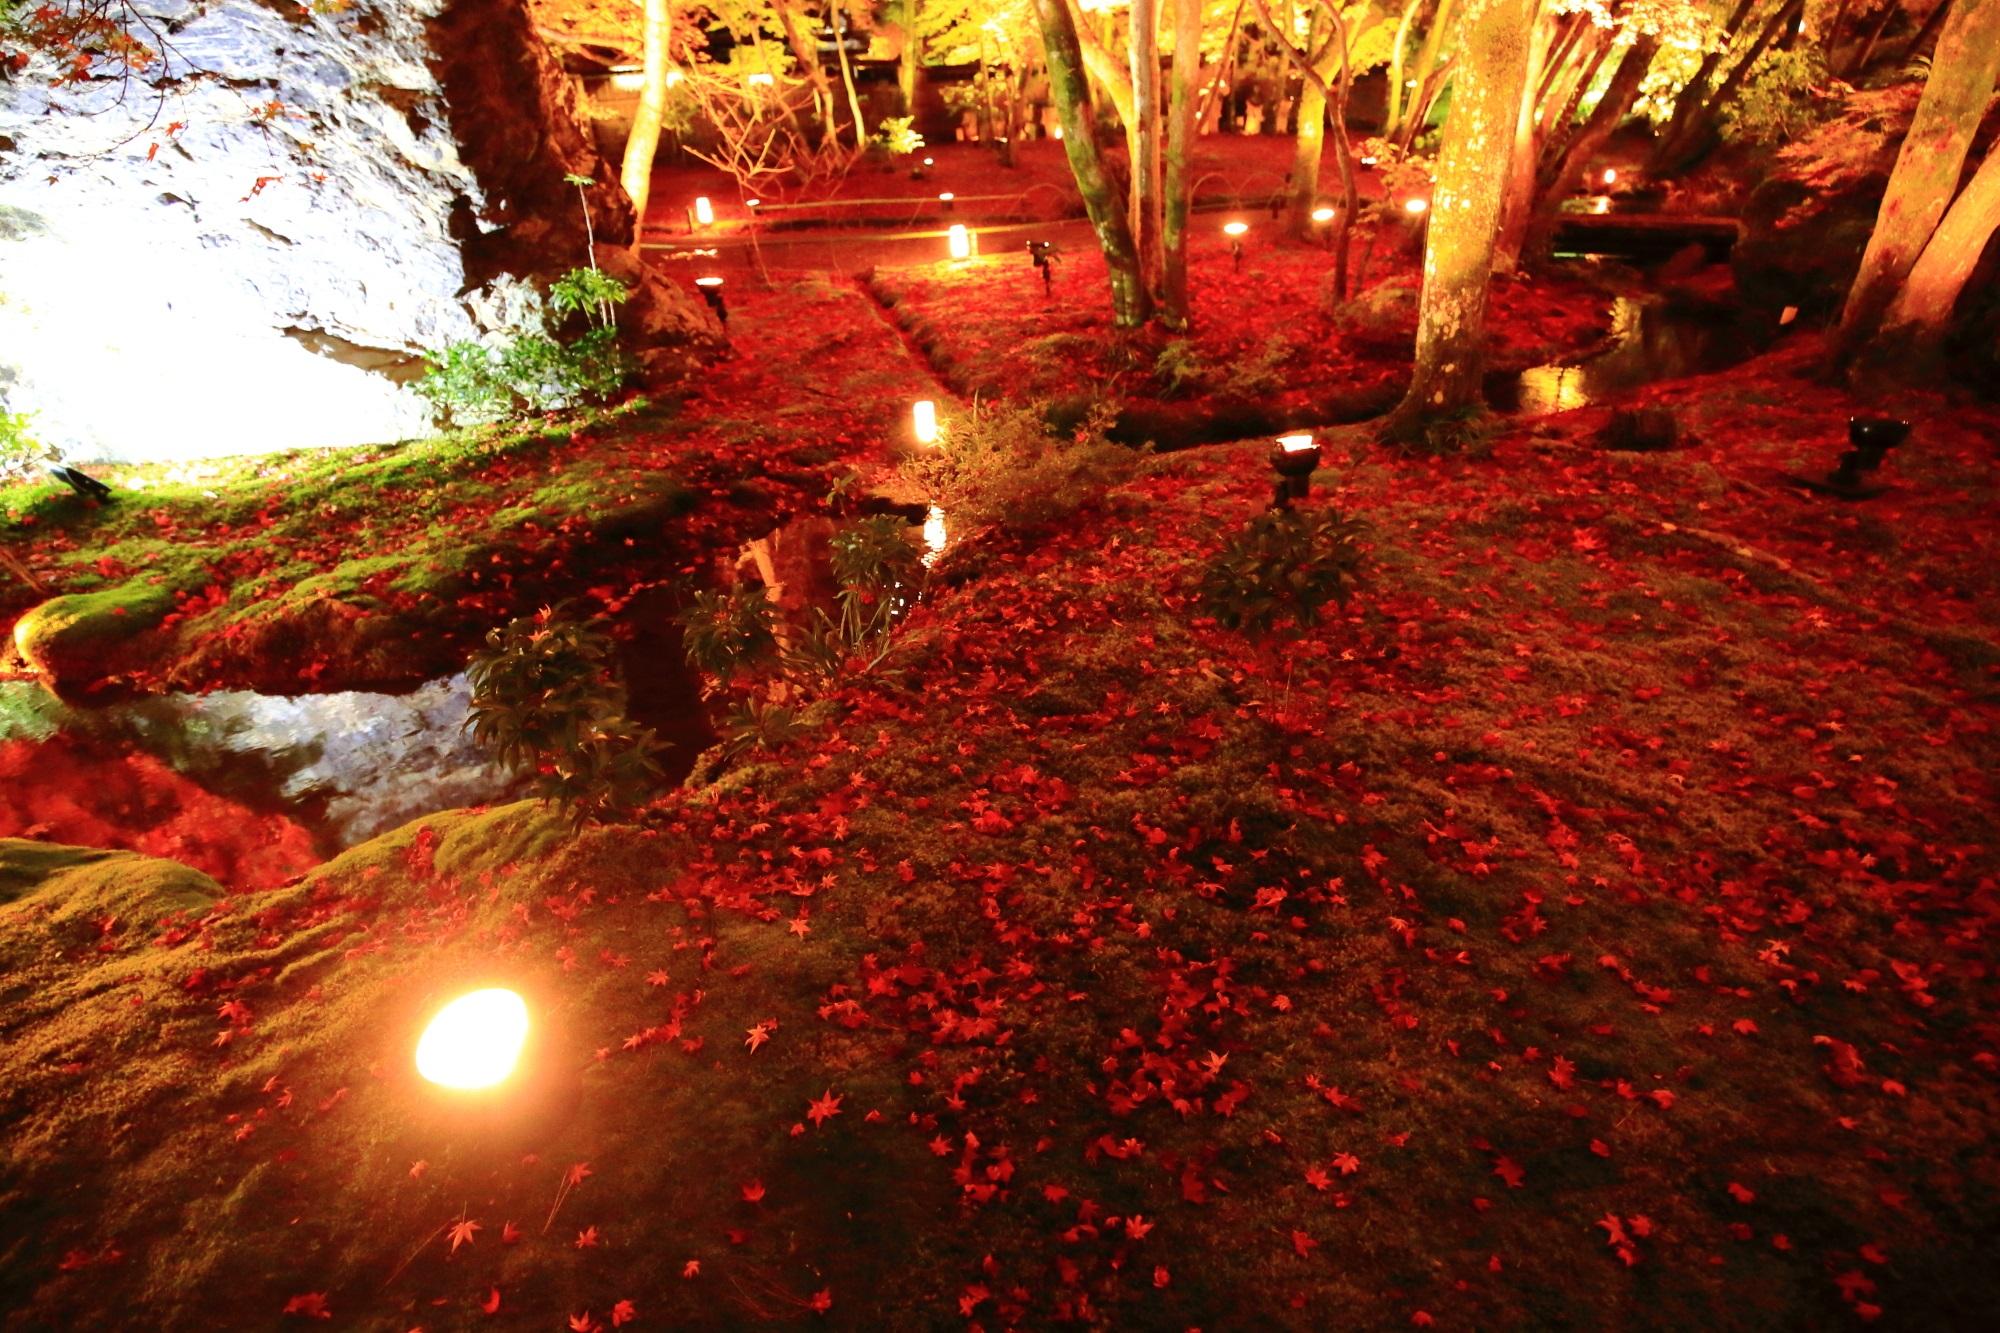 見事な苔と赤い散りもみじにつつまれた宝厳院の獅子吼の庭のライトアップ